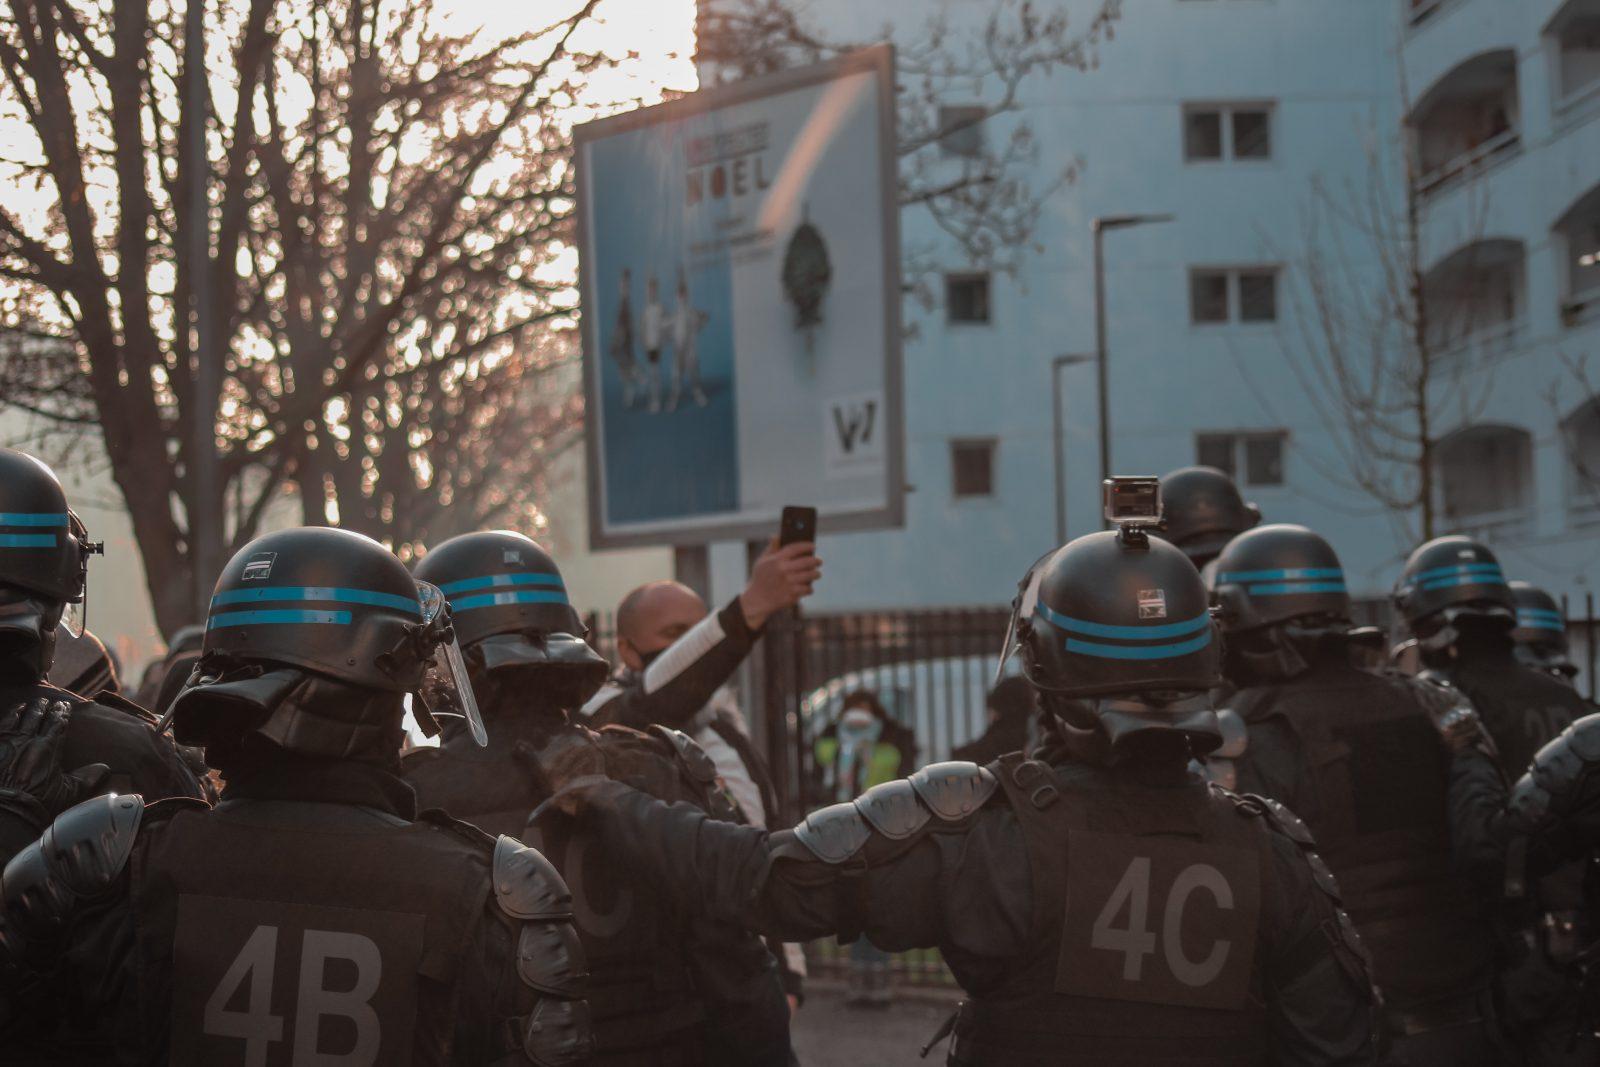 Biget Eliott manifestation loi sécurité globale